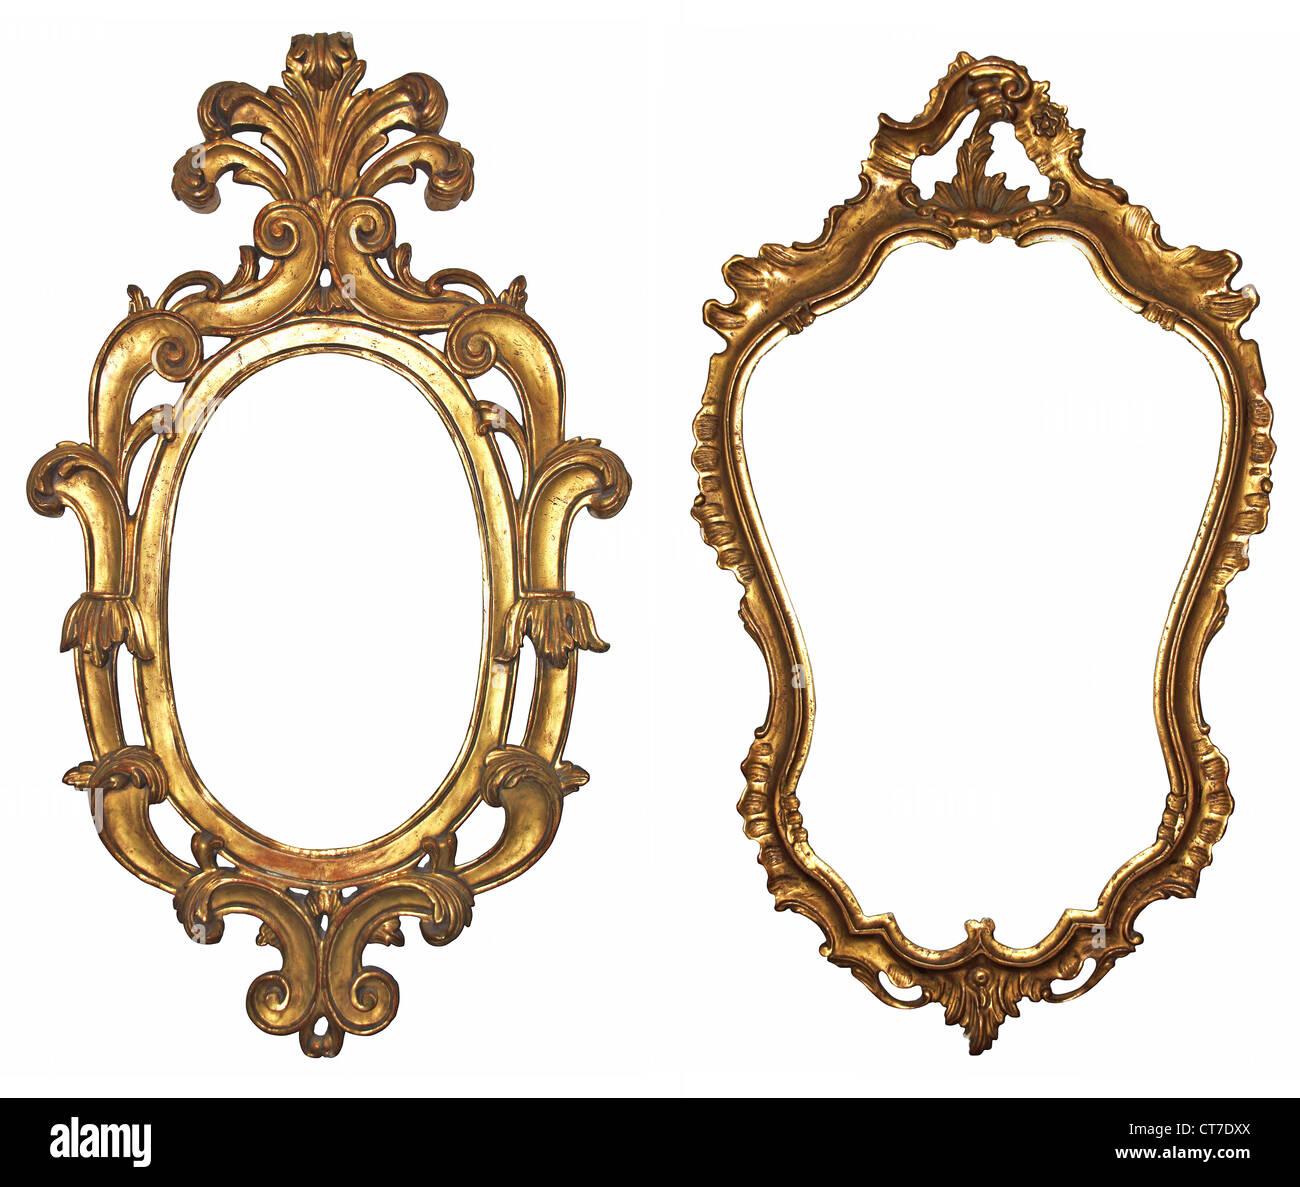 Alte vergoldete Holzrahmen für Spiegel Stockbild